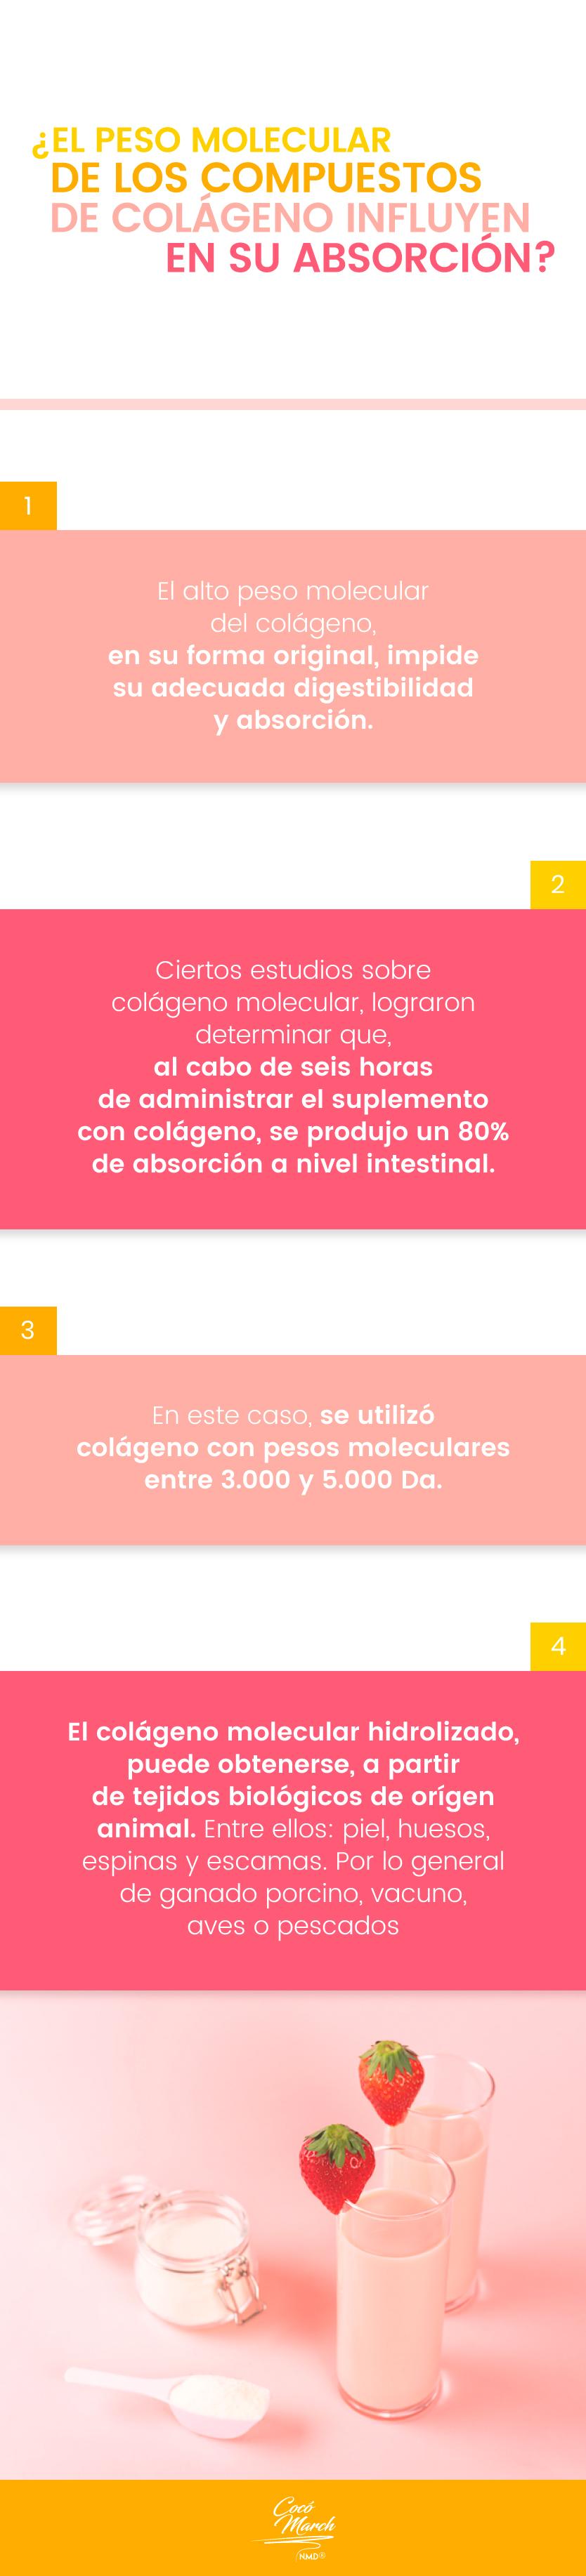 peso-molecular-de-los-compuestos-de-colageno-influyen-en-la-absorcion